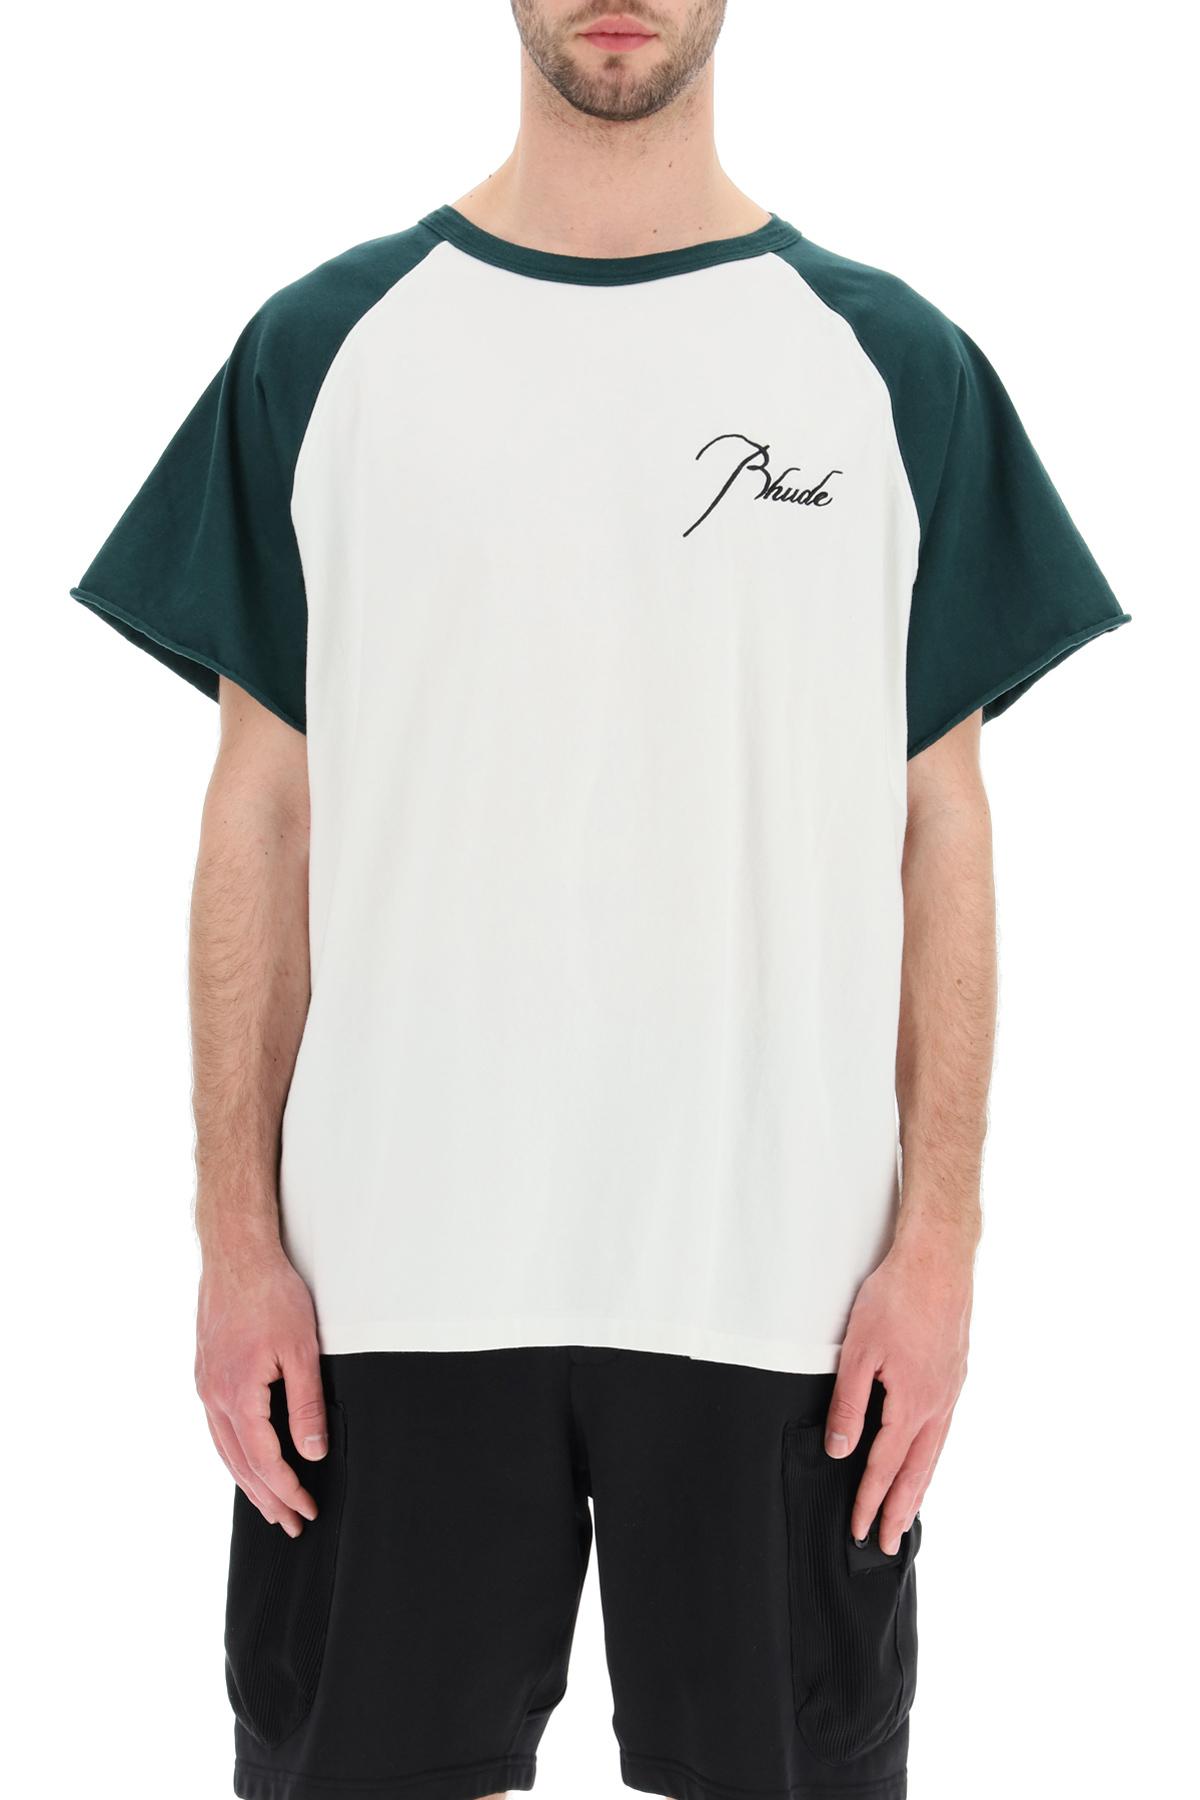 Rhude t-shirt raglan tee